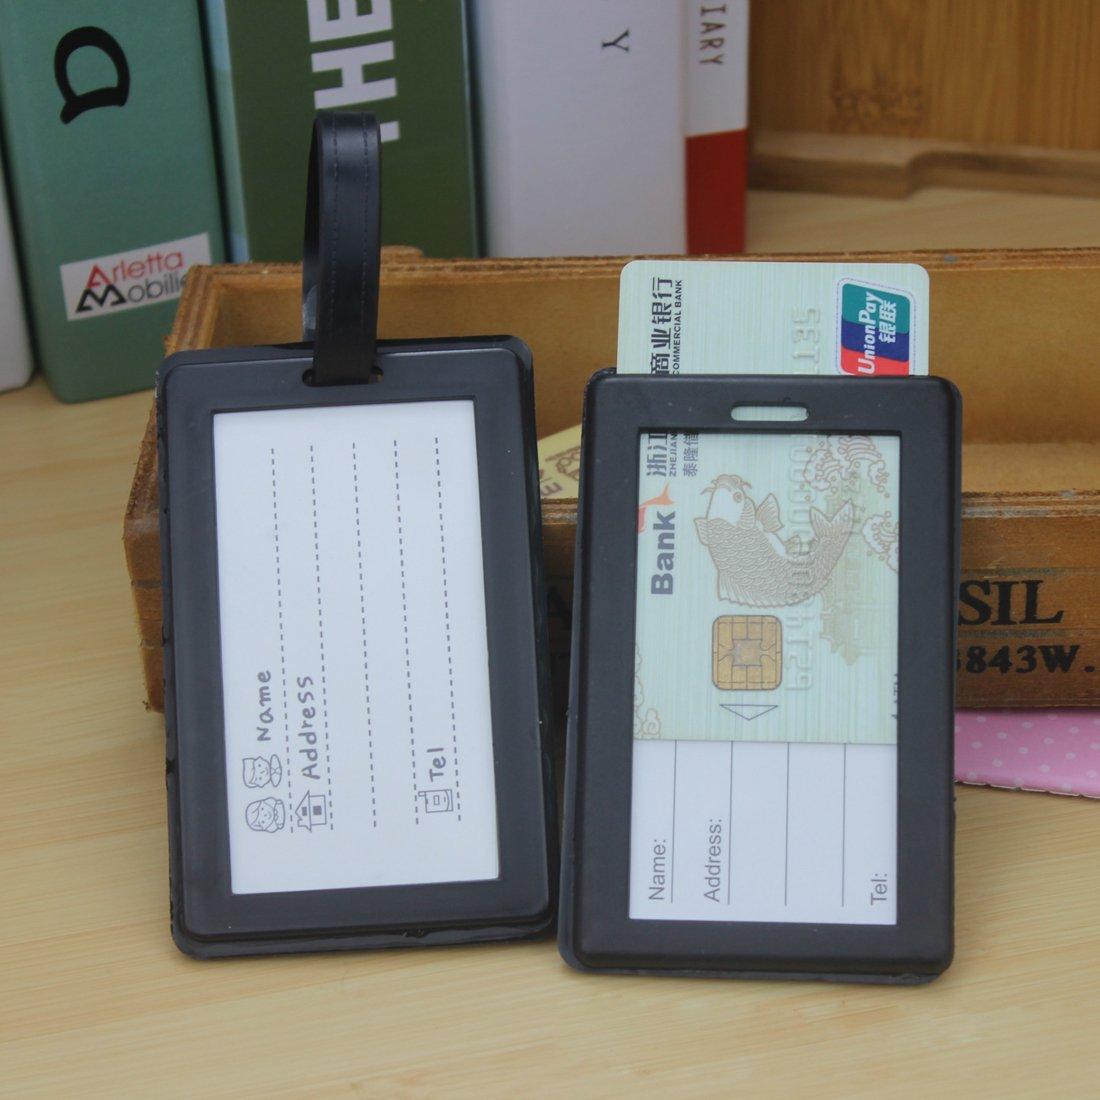 Kigurumi Etiqueta de Equipaje Etiquetas de para Bolsa de Viaje Maleta